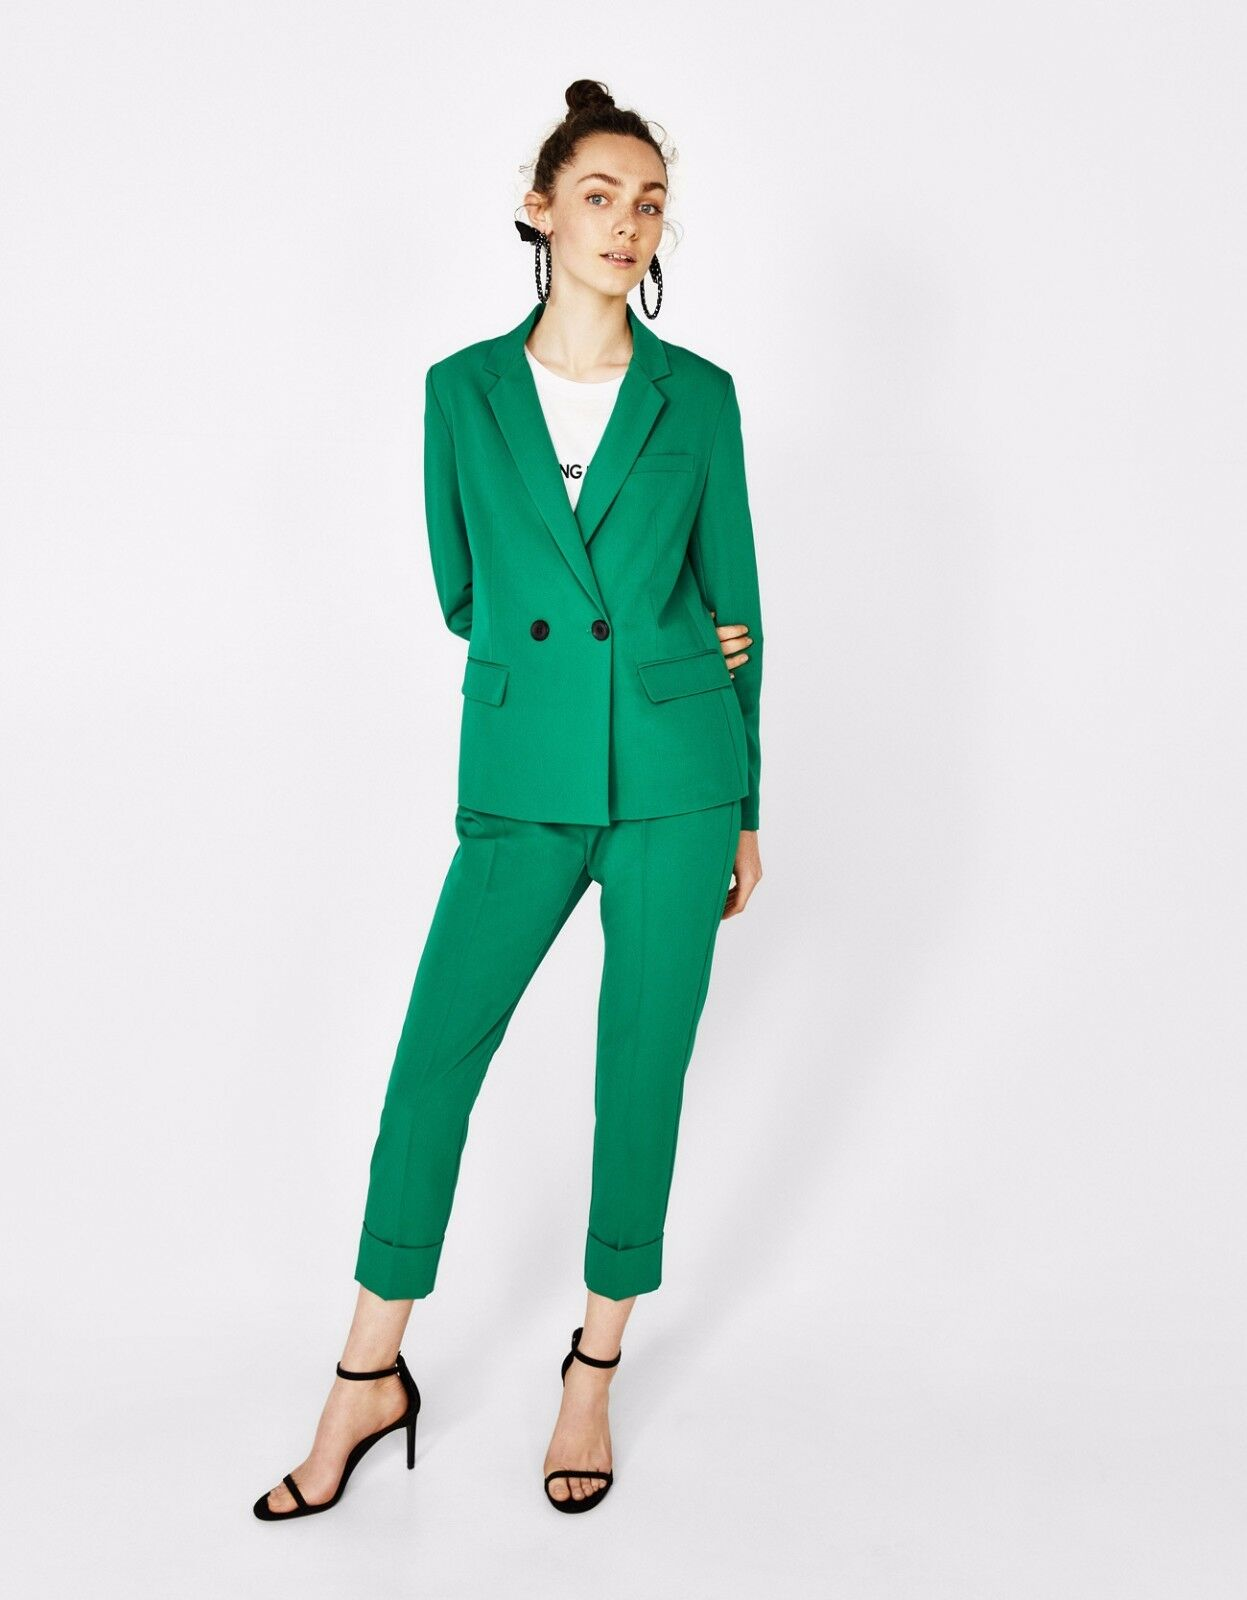 من الفسفورى للأخضر ألوان جريئة وغير تقليدية لموضة شتاء 2020 اليوم السابع